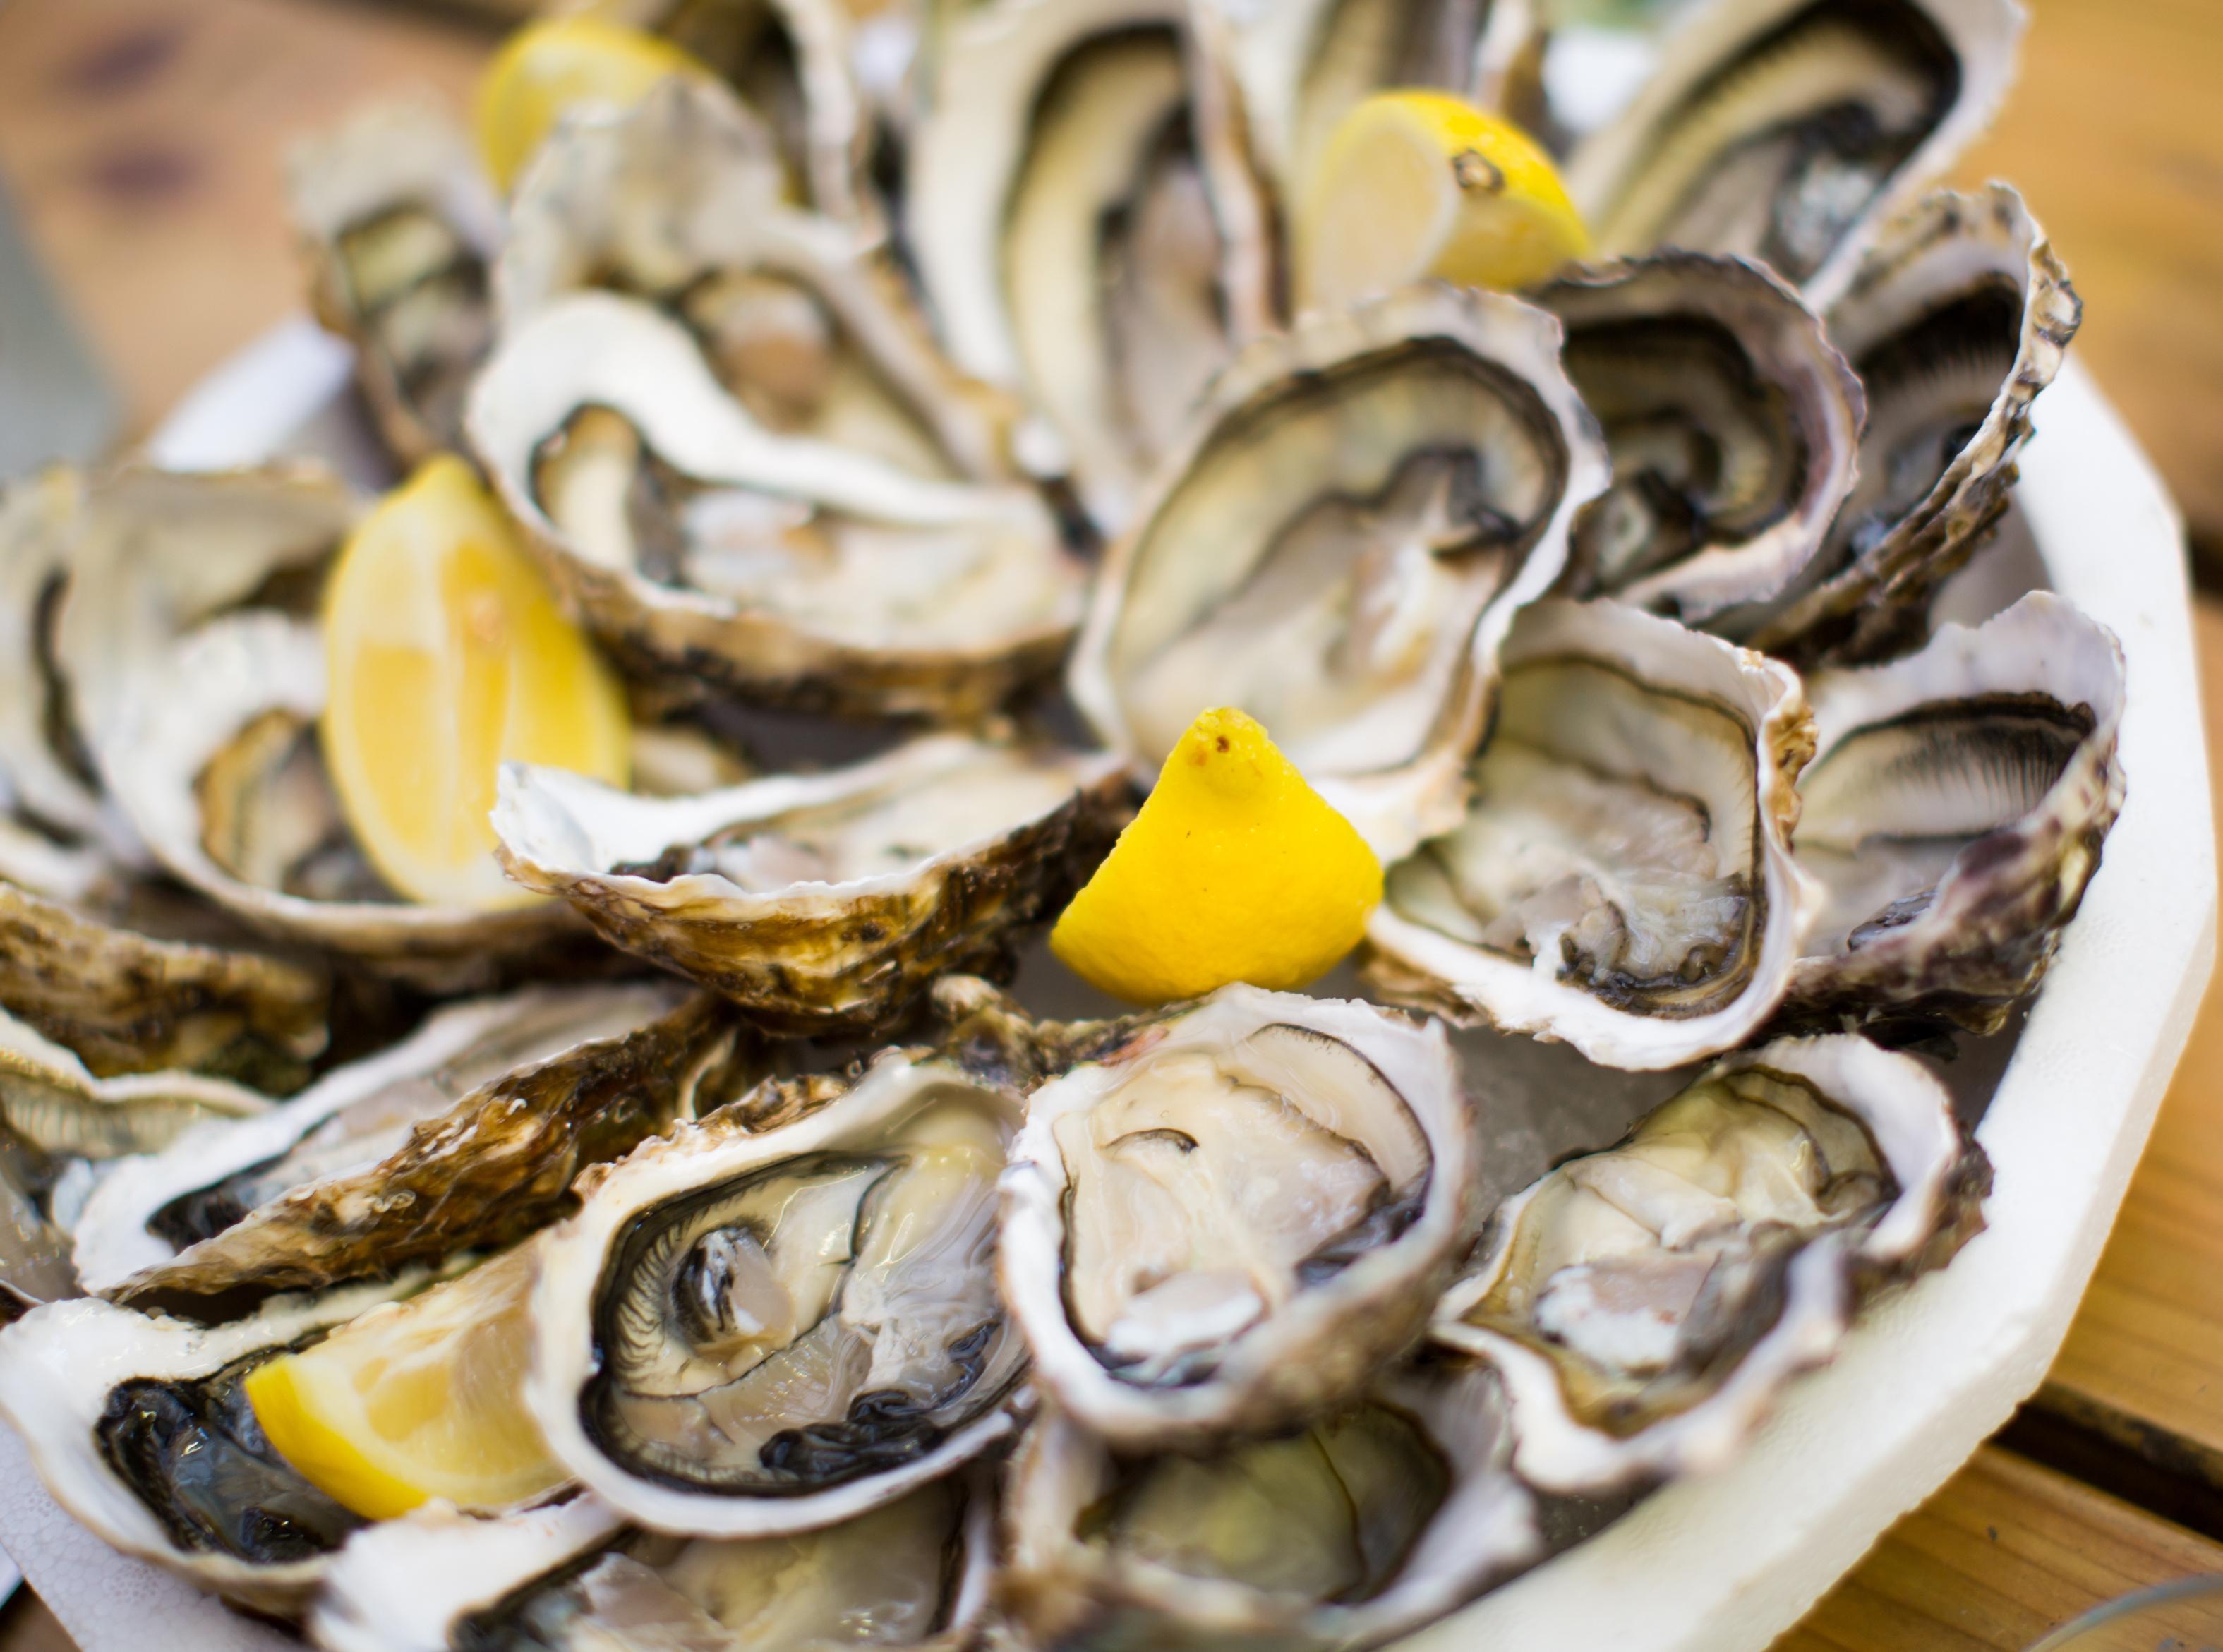 Taille, variété, provenance… Comment choisir ses huîtres pour les ...